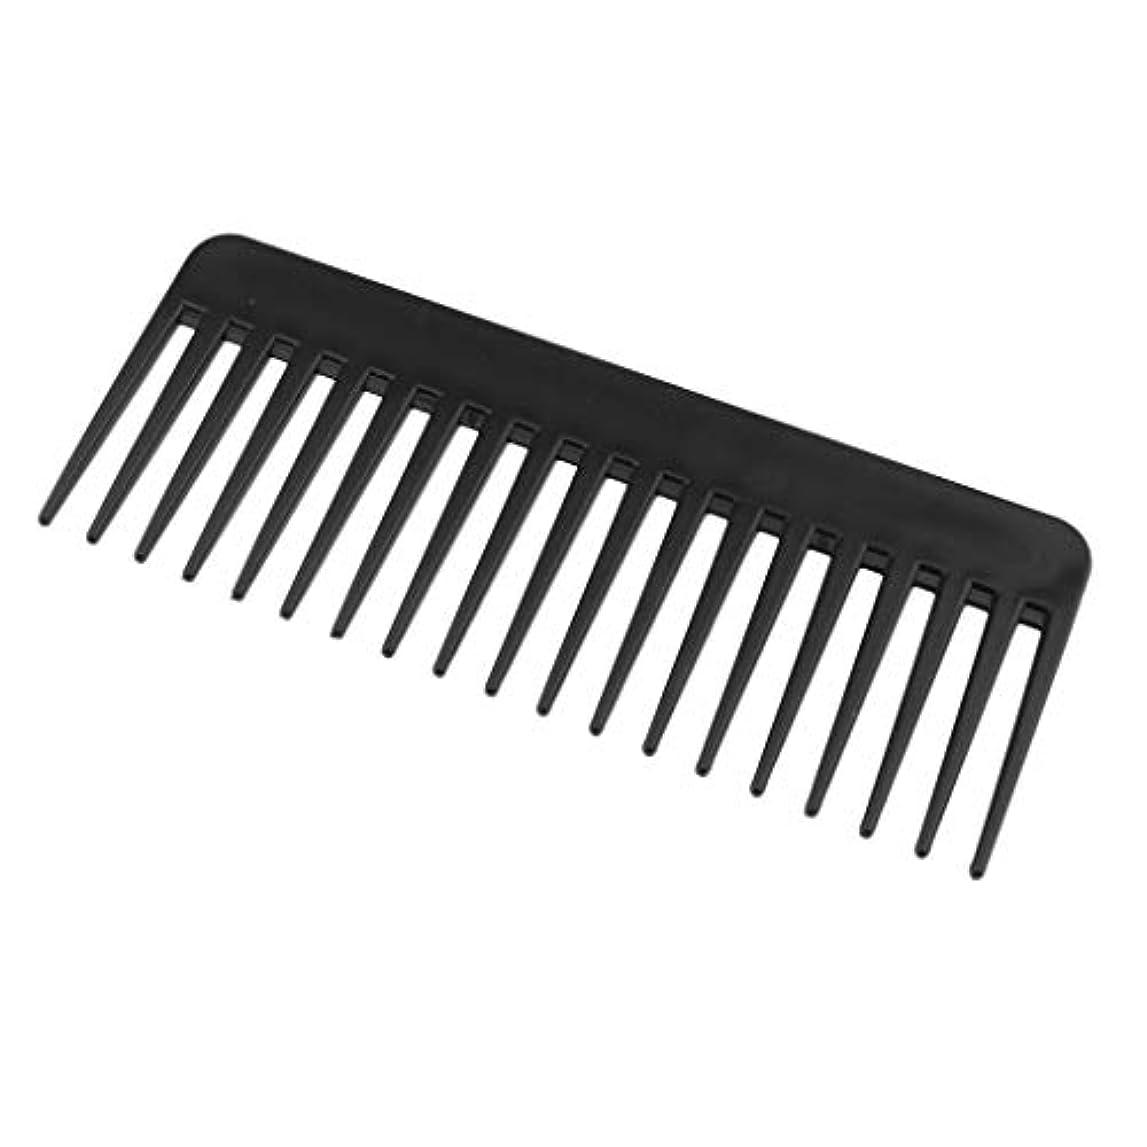 速記きちんとした包括的F Fityle 帯電防止くし プラスチック製 ヘアブラシ 丈夫 3色選べ - ブラック